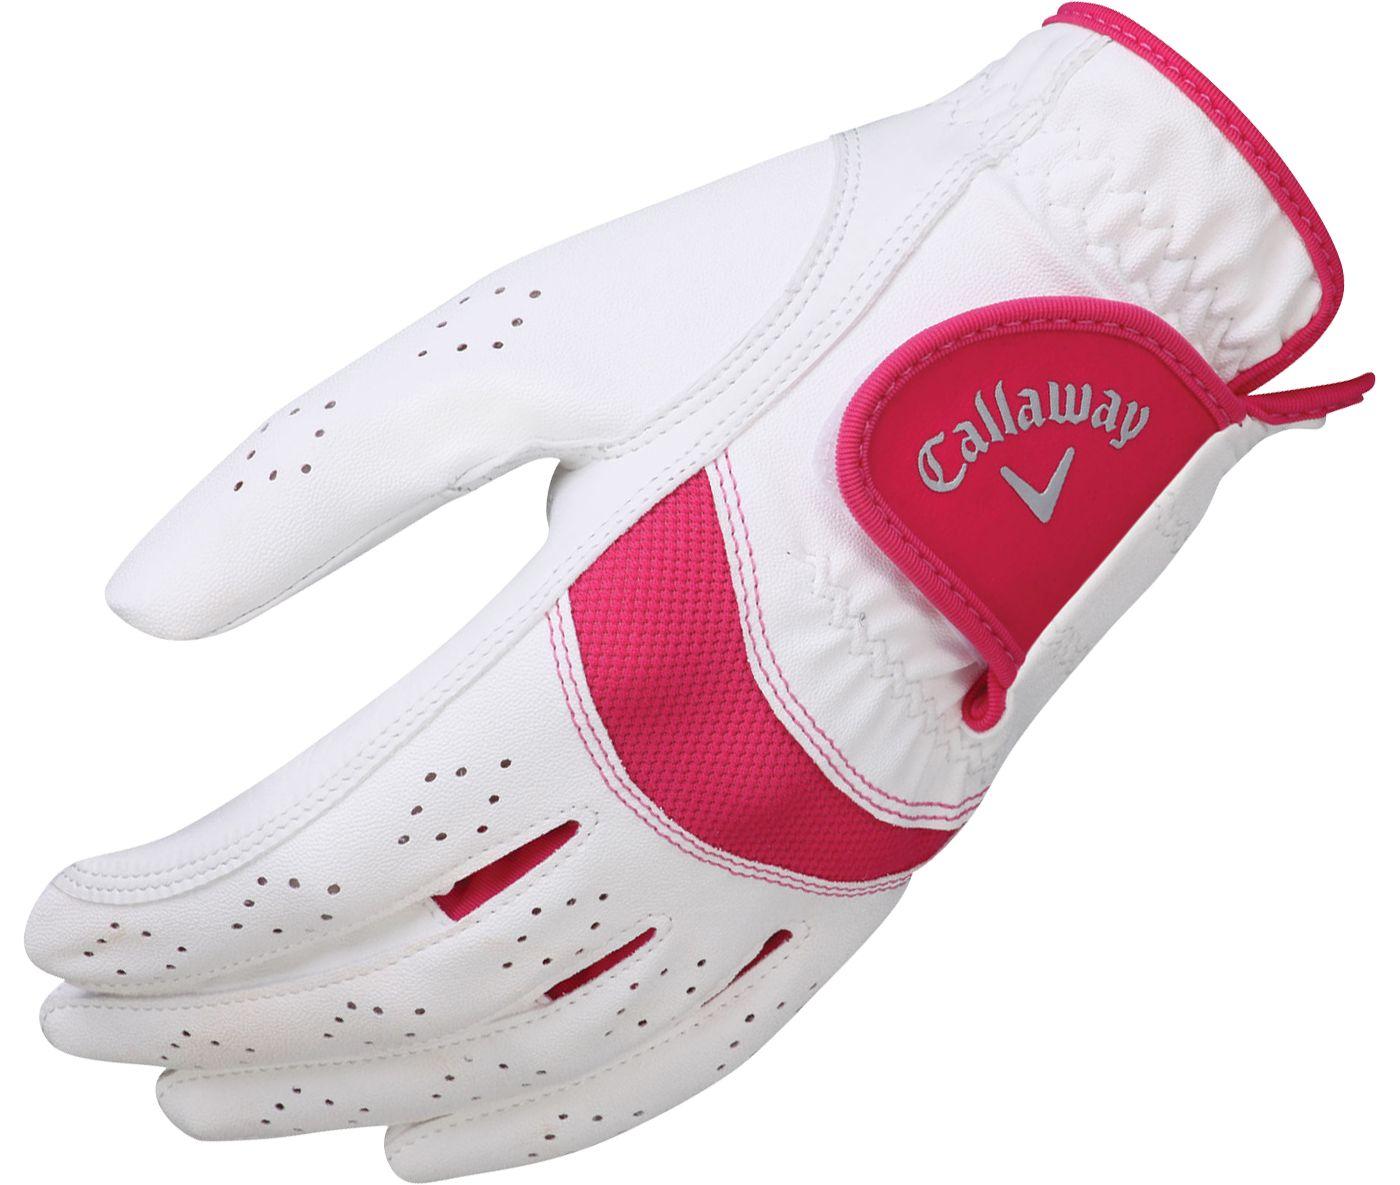 Callaway Women's X-Tech Golf Glove